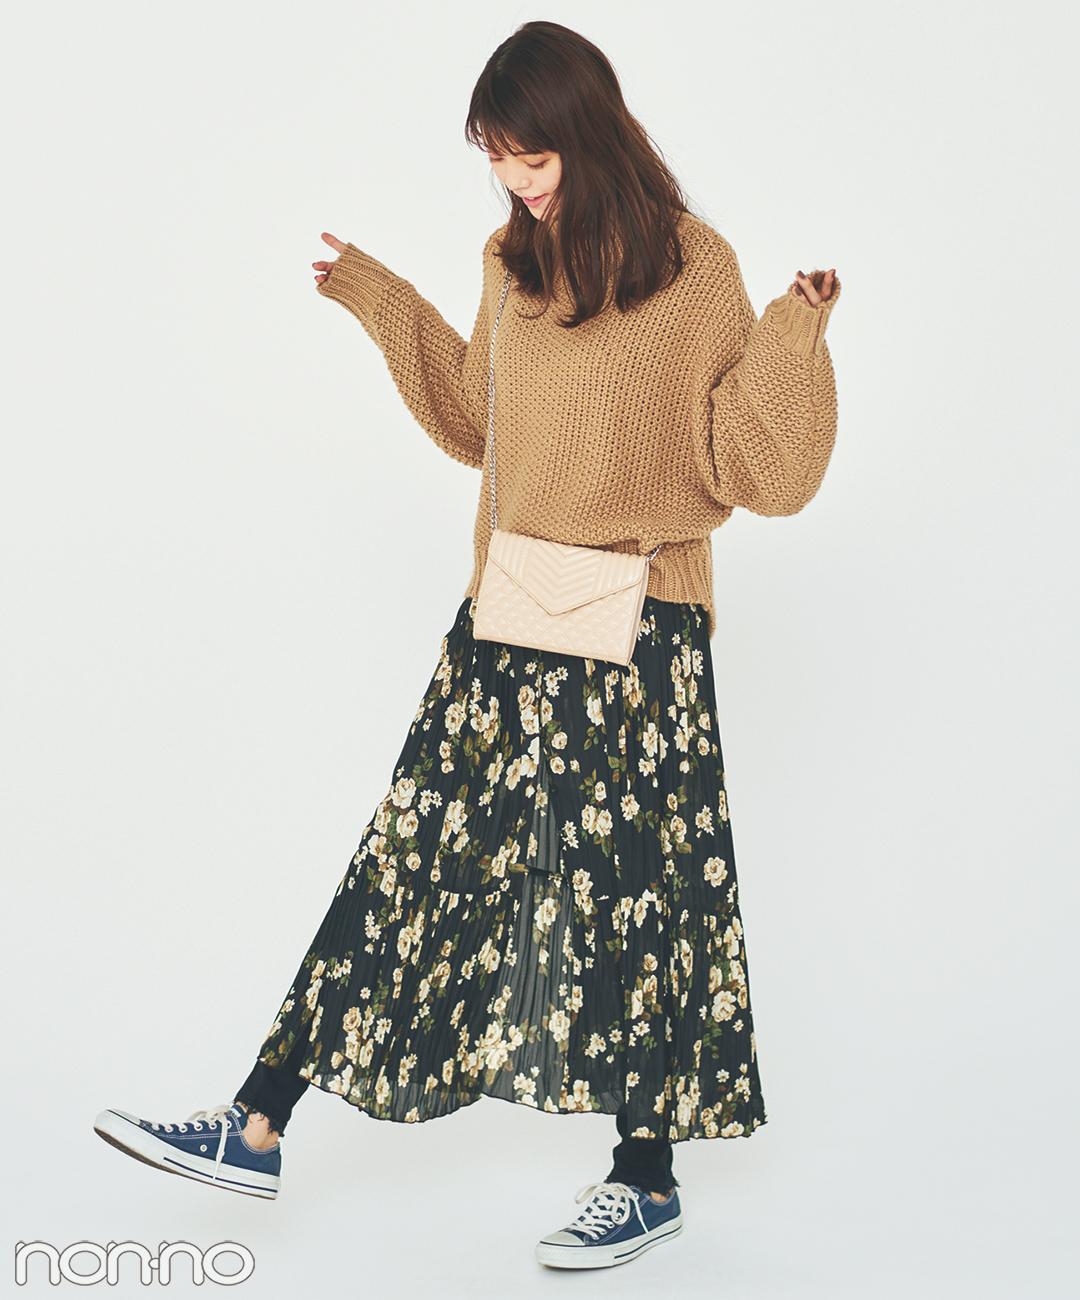 【春の花柄スカートコーデ】花柄スカートにスキニーをレイヤードして今っぽく